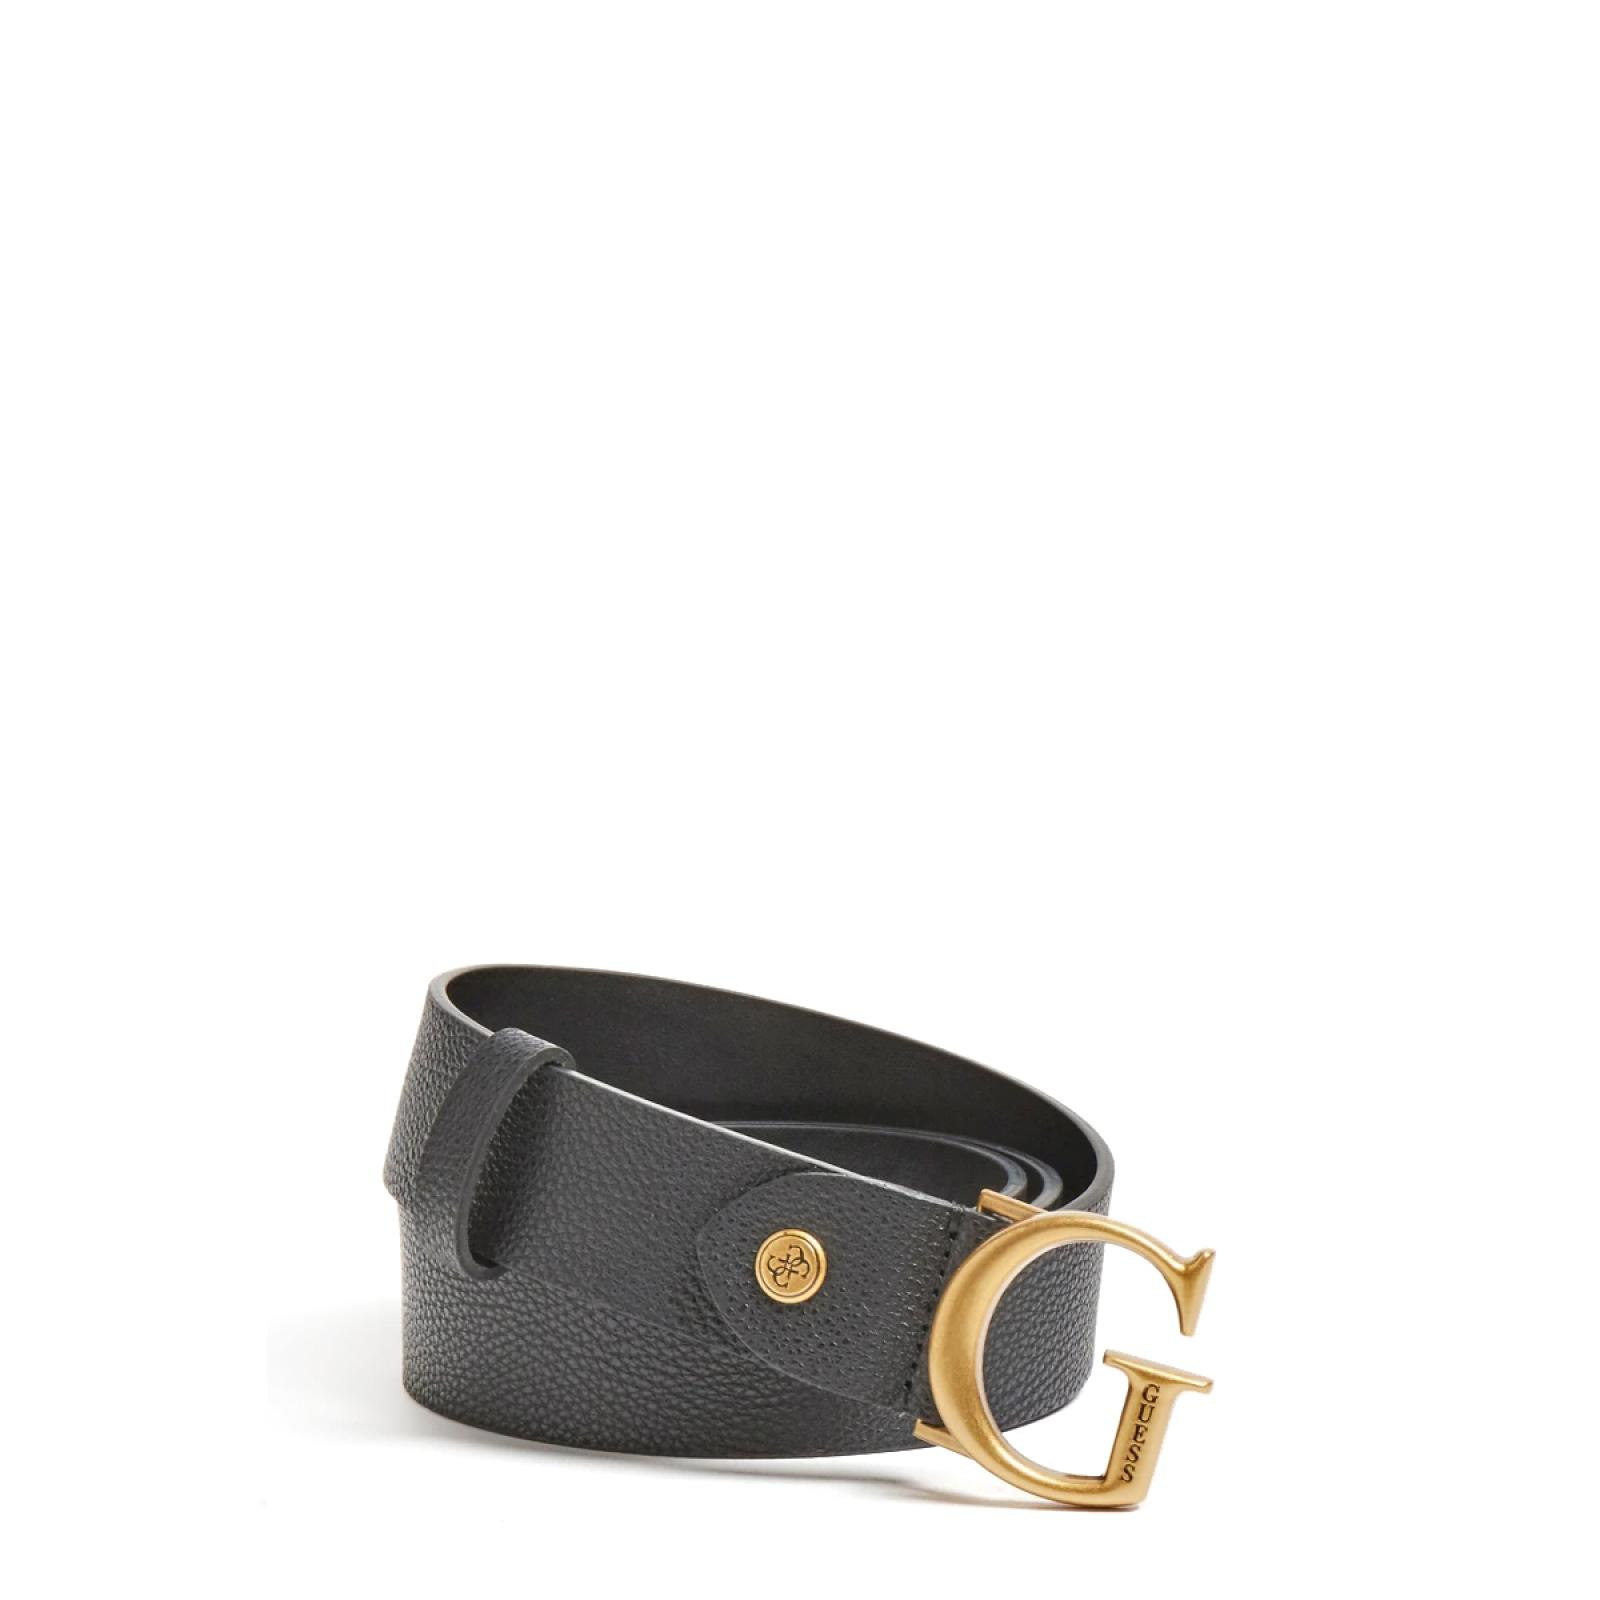 Guess Cintura Corily Black - 1